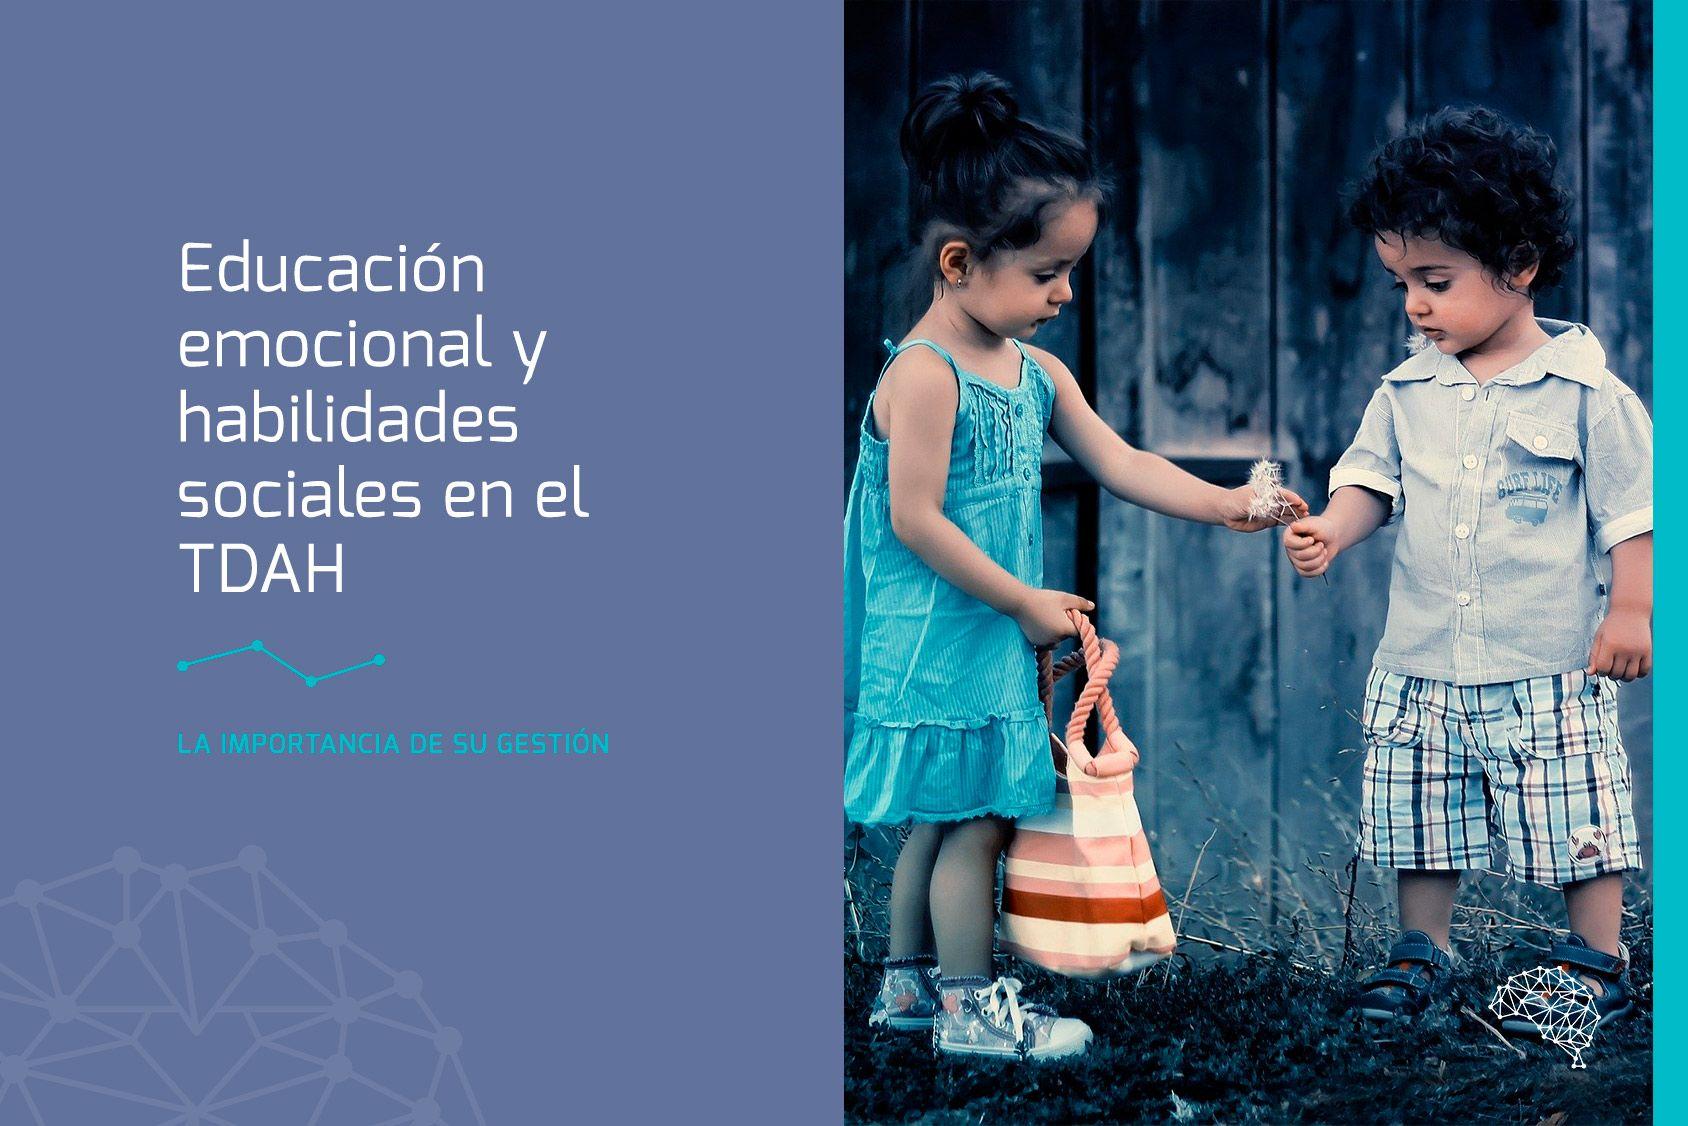 Relaciones sociales en el TDAH y educacion emocional